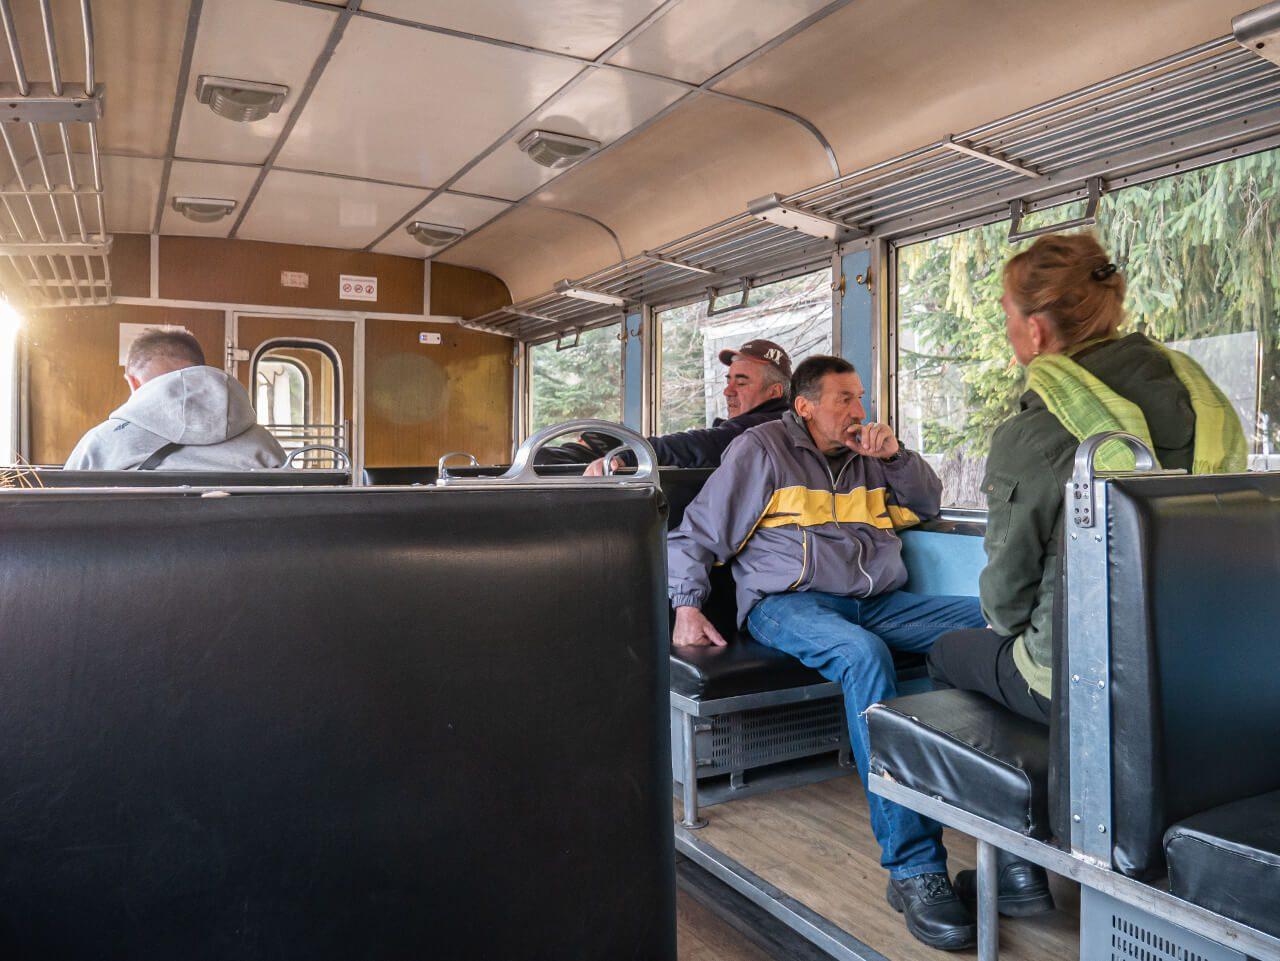 Pasażerowie w wagonie pociągu z Borjomi do Bakuriani